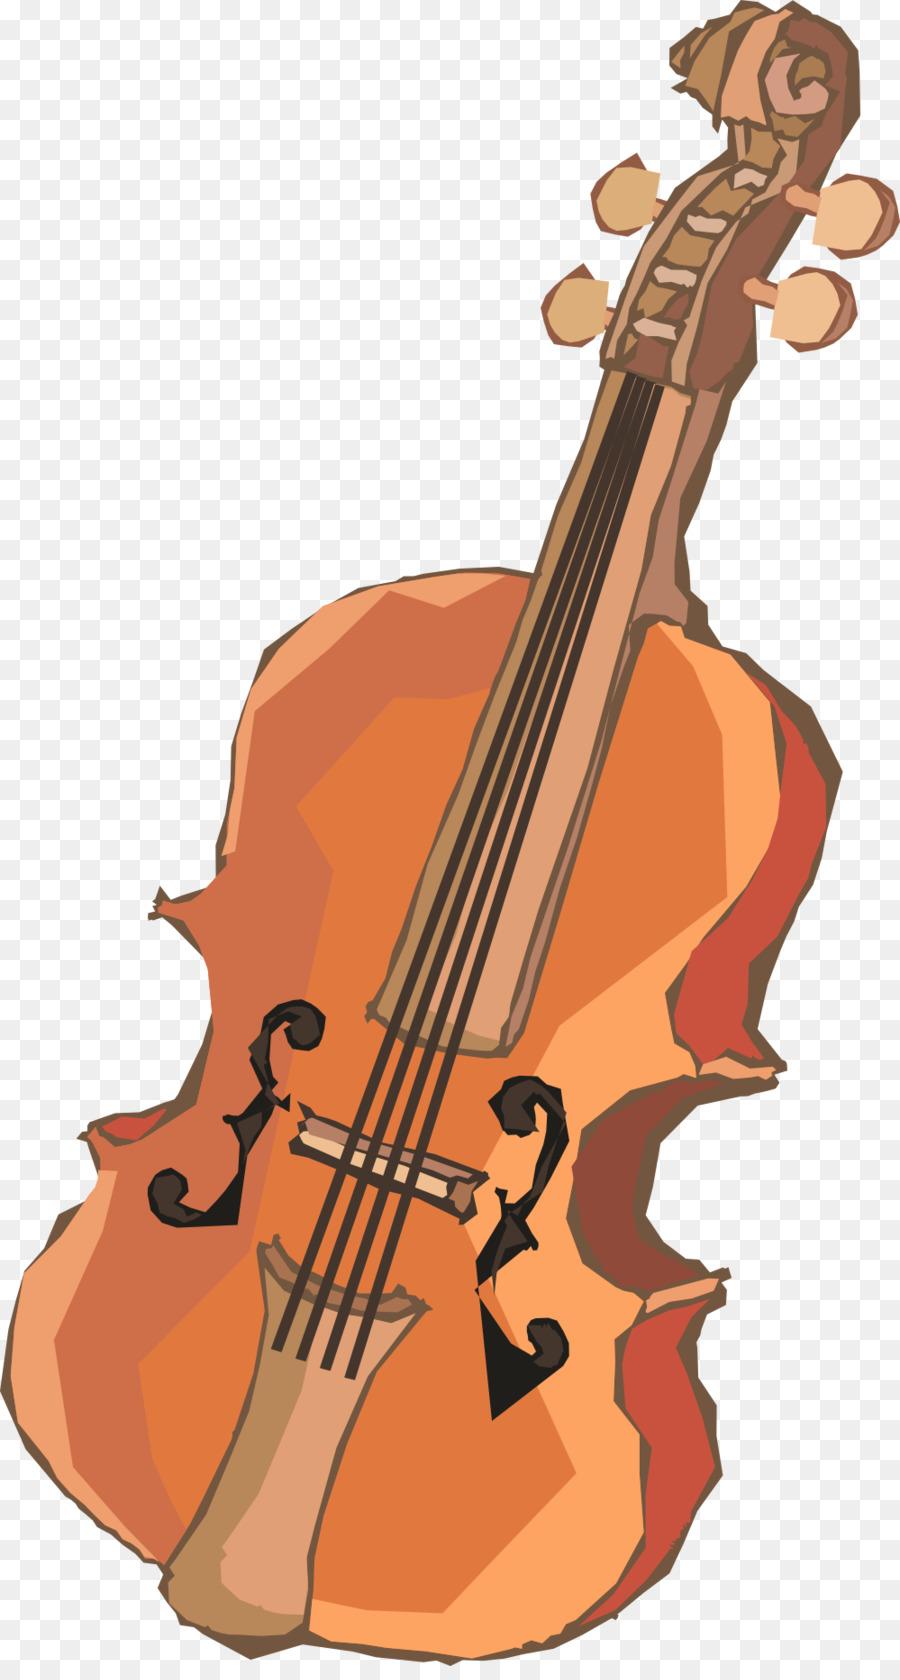 Violin clip art png. Cello clipart tool